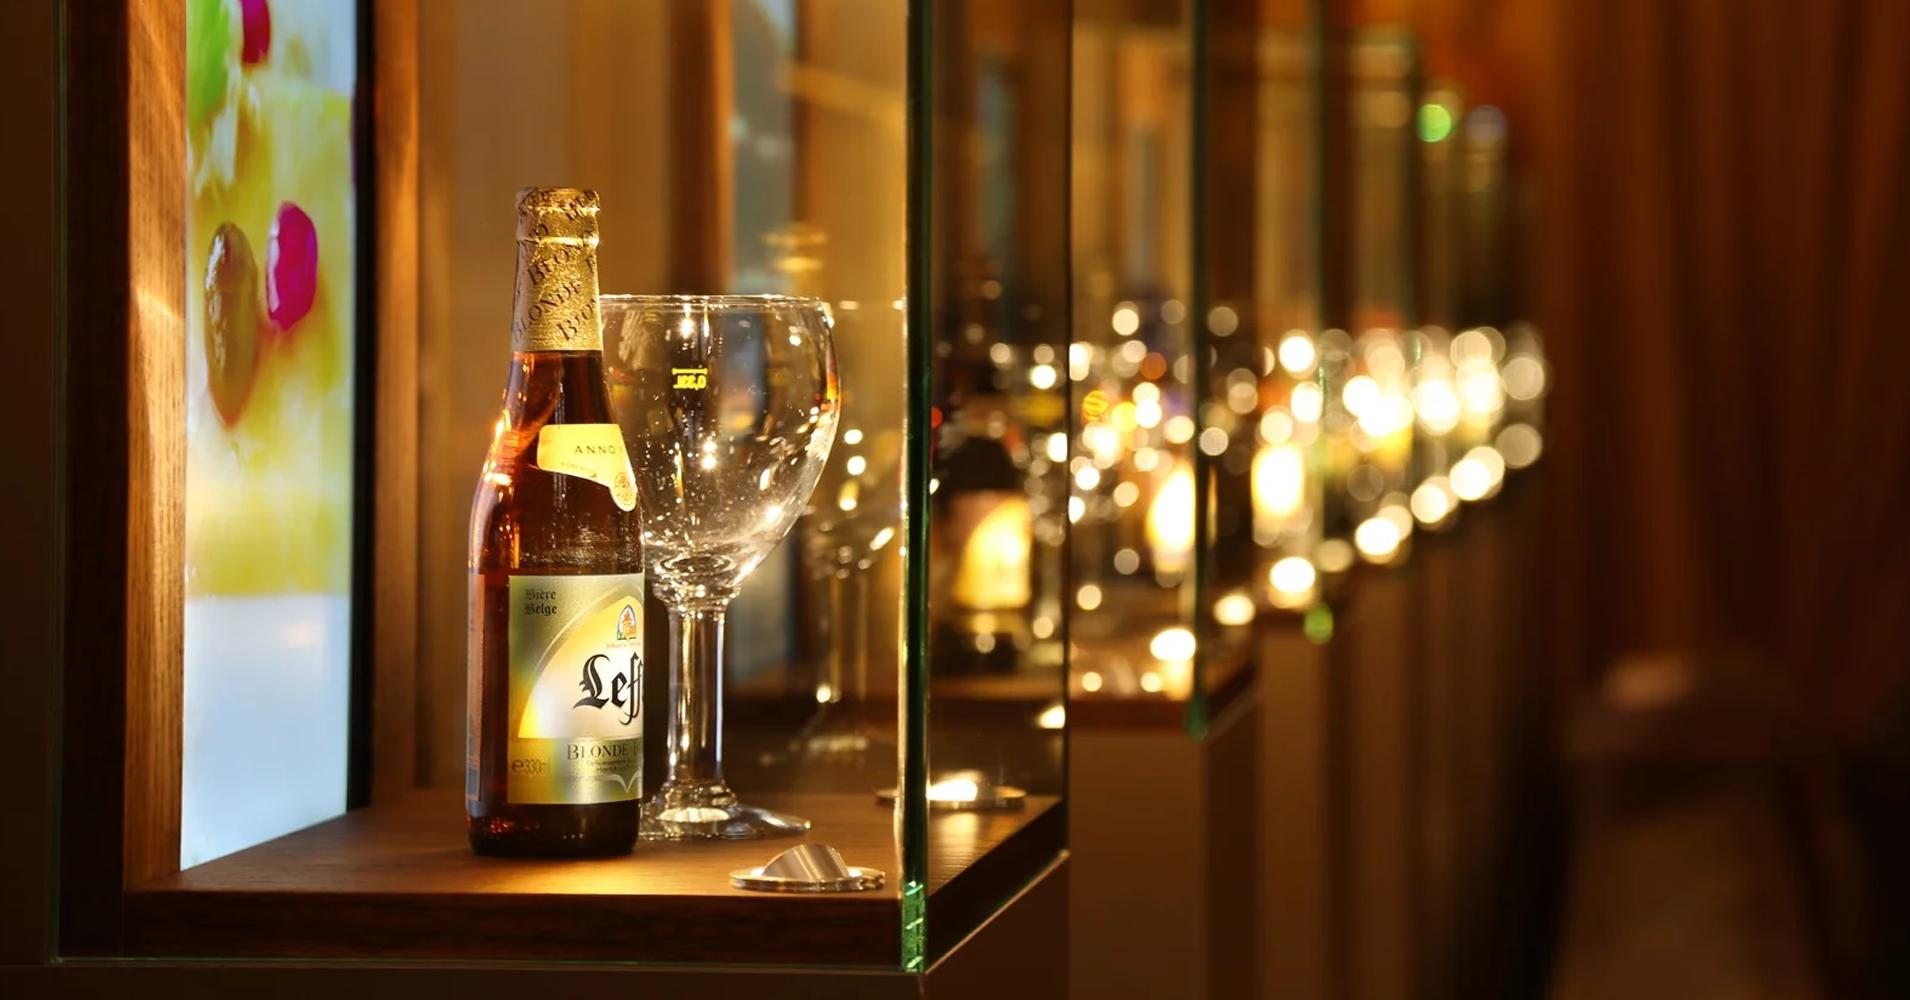 cerveza-Leffe-garagardoa